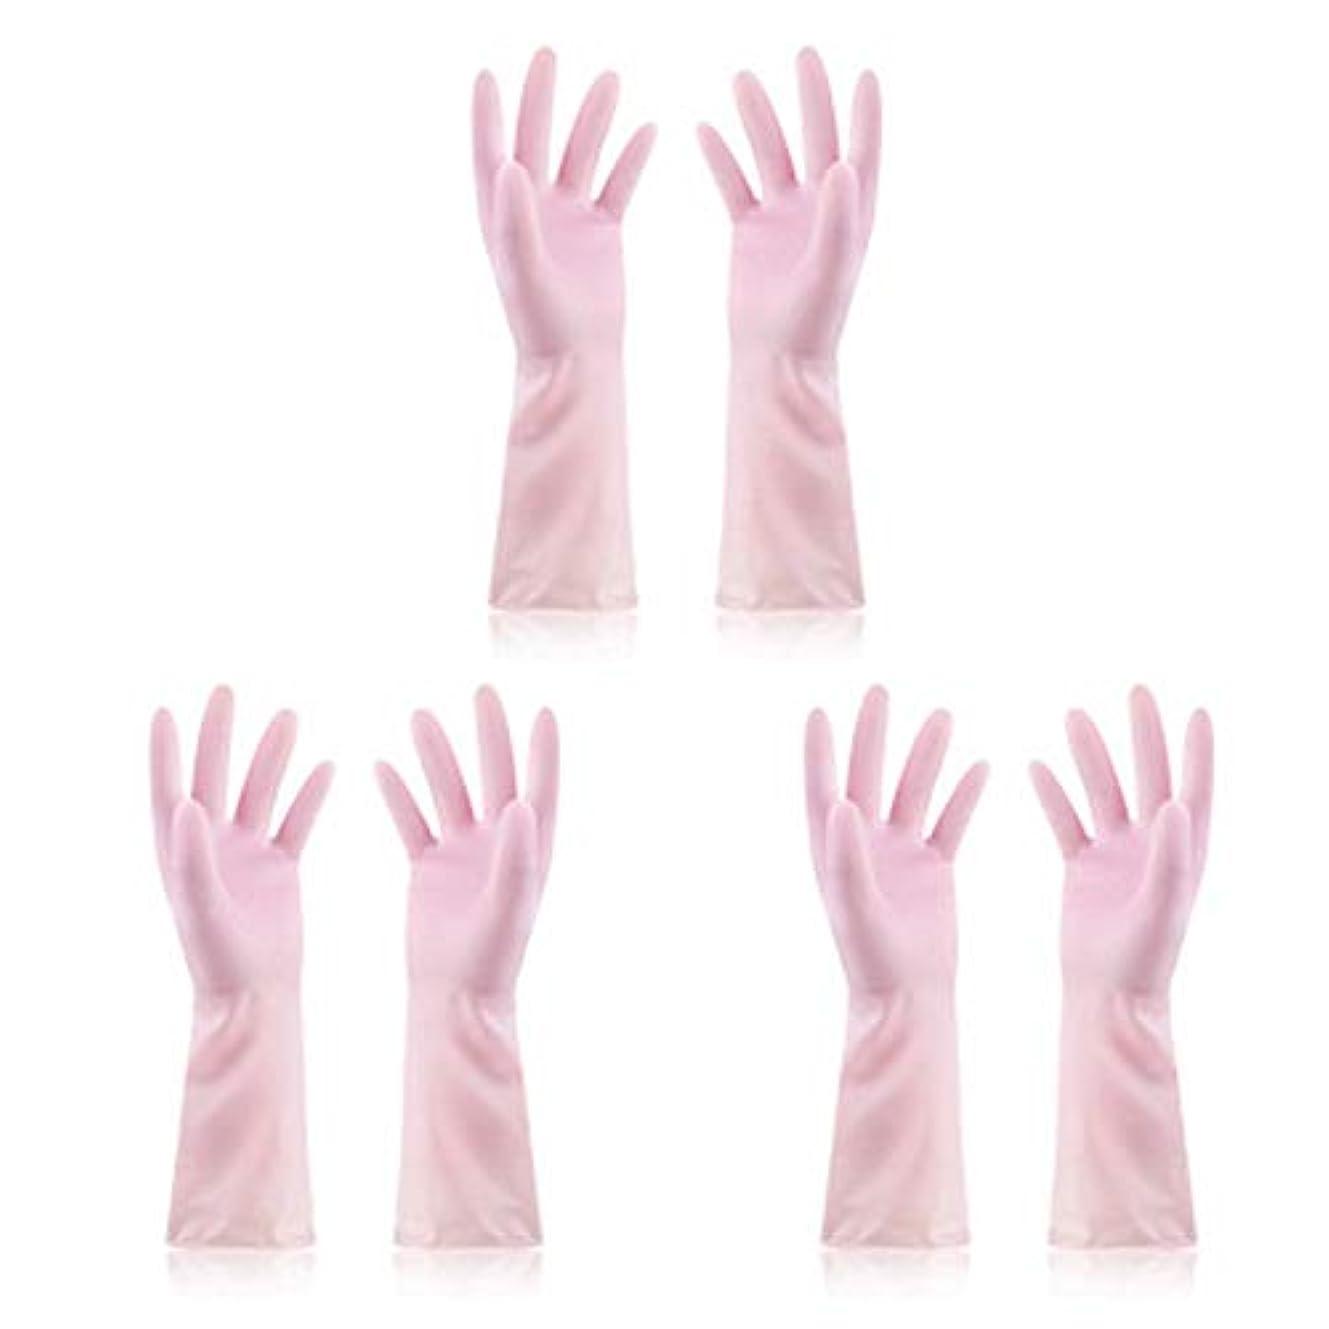 戸棚同封する大きいニトリルゴム手袋 使い捨て手袋防水ラテックス焦げ付き防止ゴム製ゴム製台所手袋、3組 使い捨て手袋 (Color : Pink, Size : M)